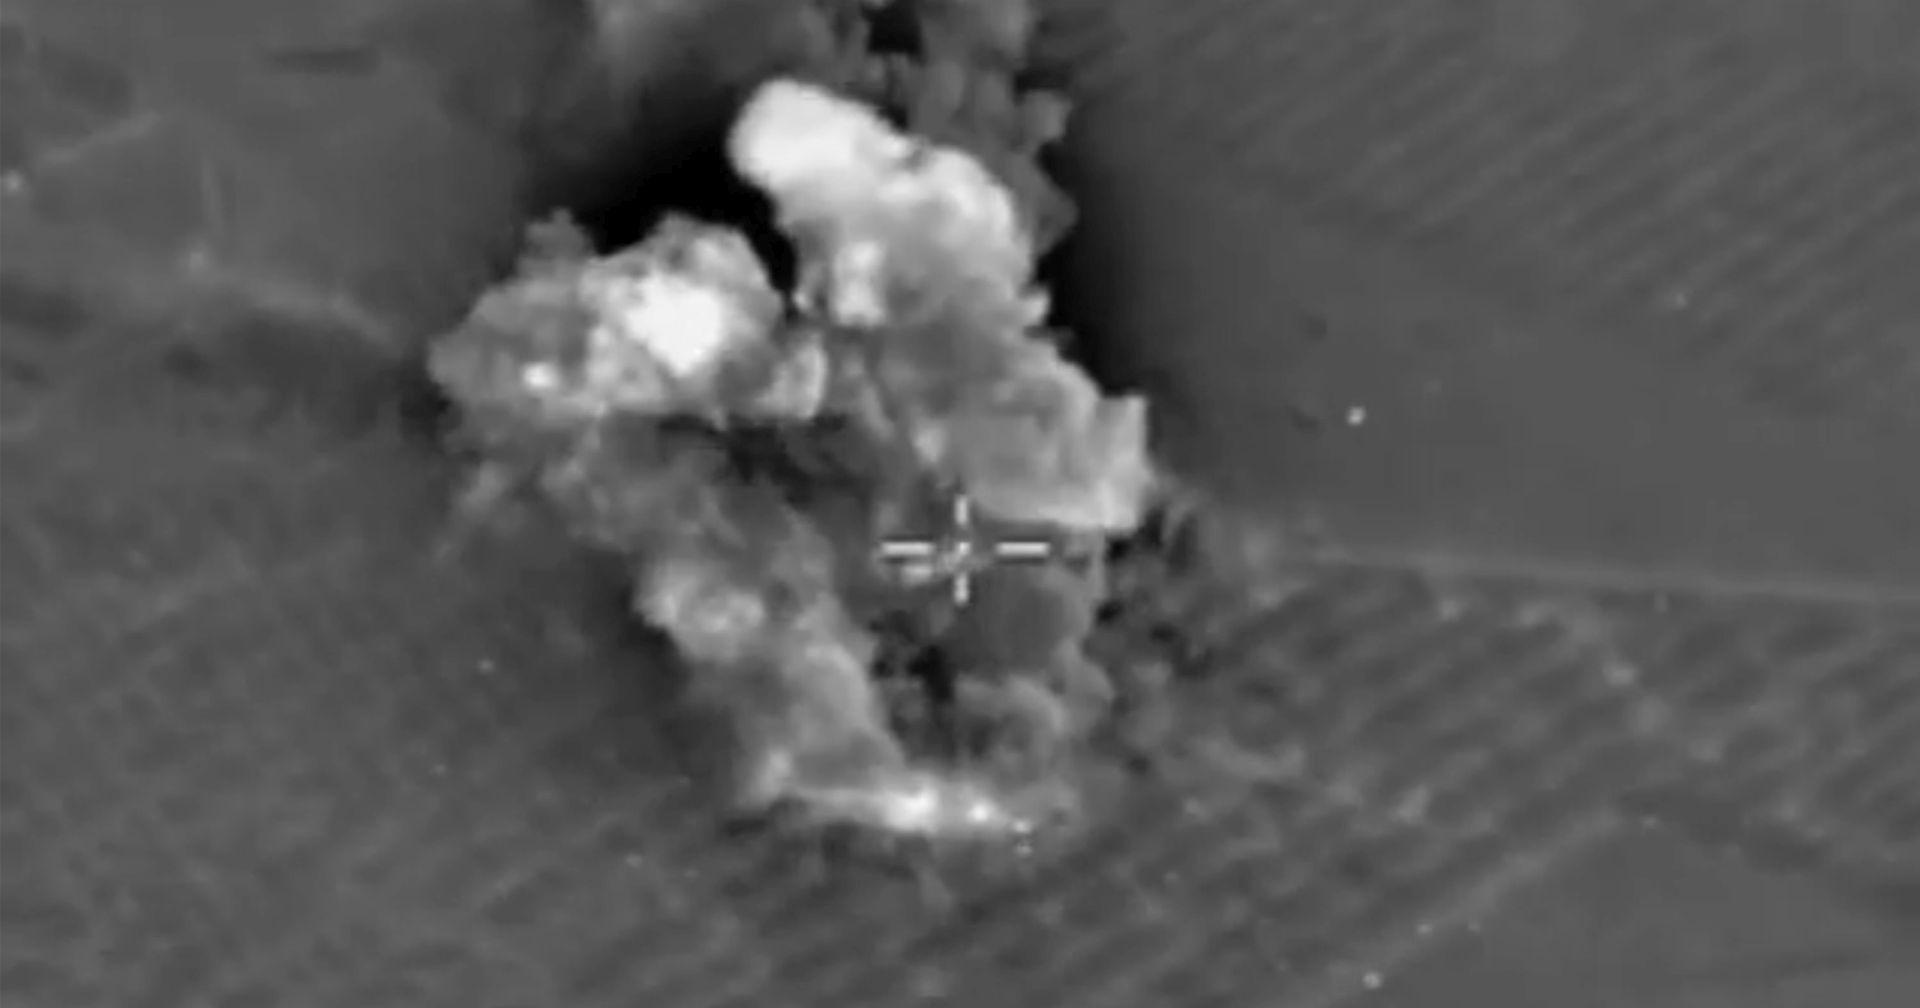 RUSIJA IZVELA 65 ZRAČNIH NAPADA U 24 SATA Sirijska vojska uz pomoć Rusa zauzela ključno mjesto